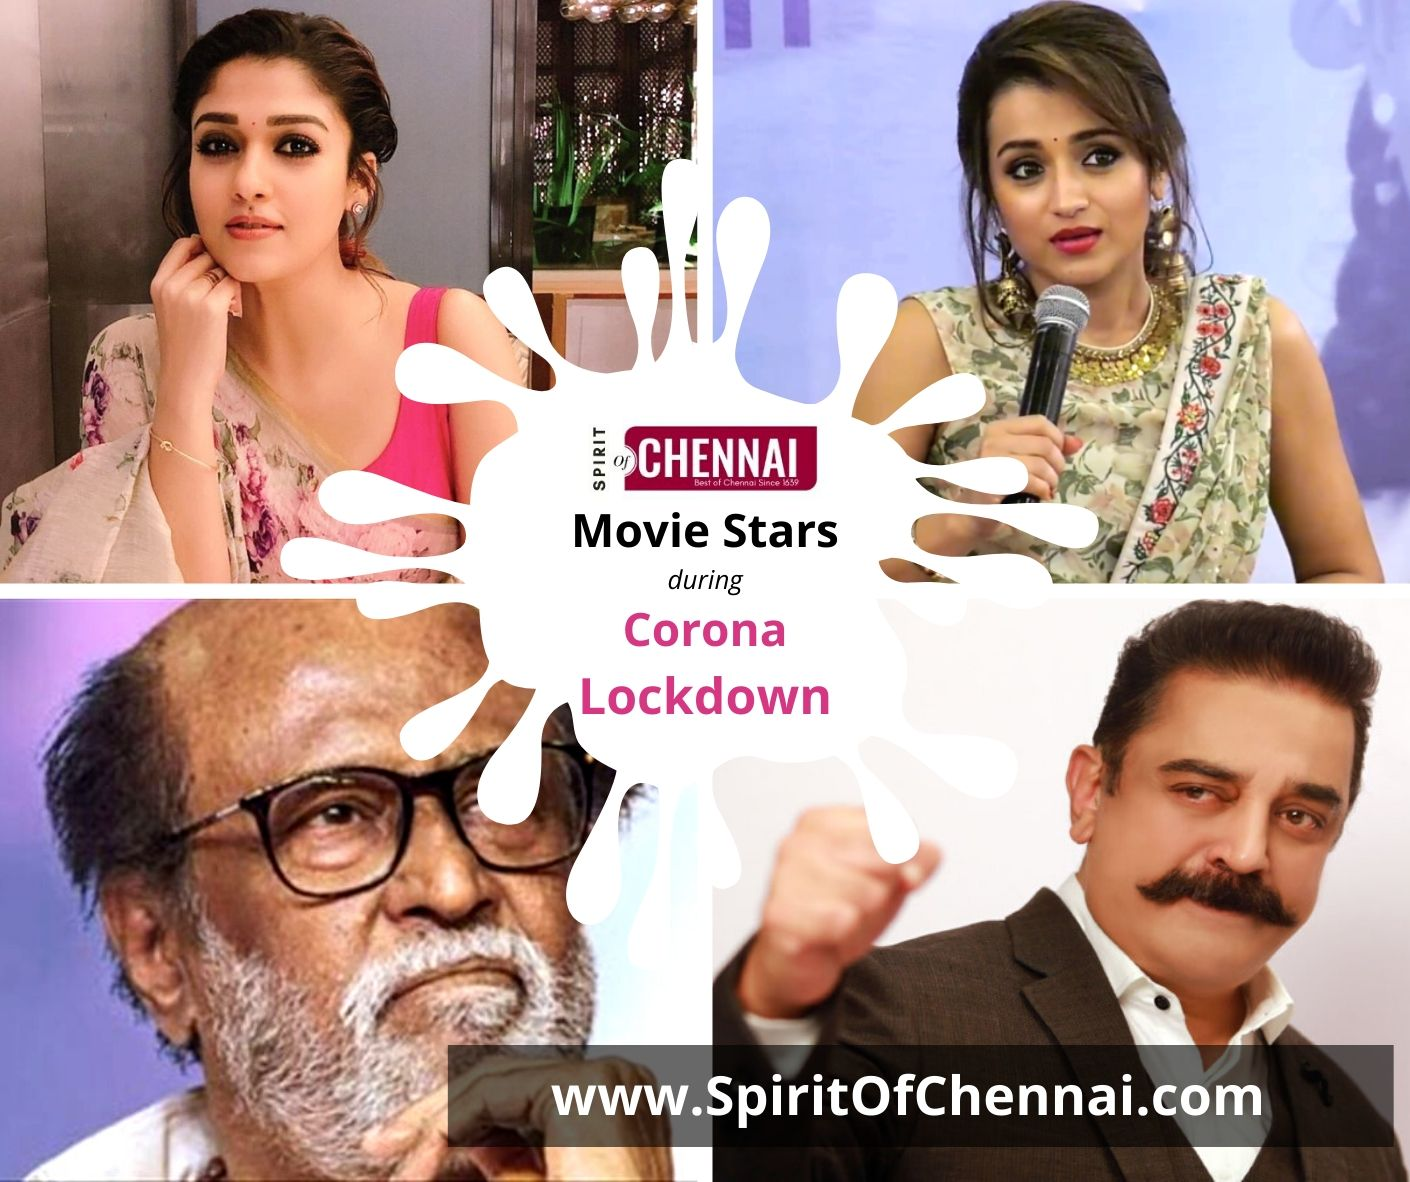 Movie Stars during Corona Lockdown